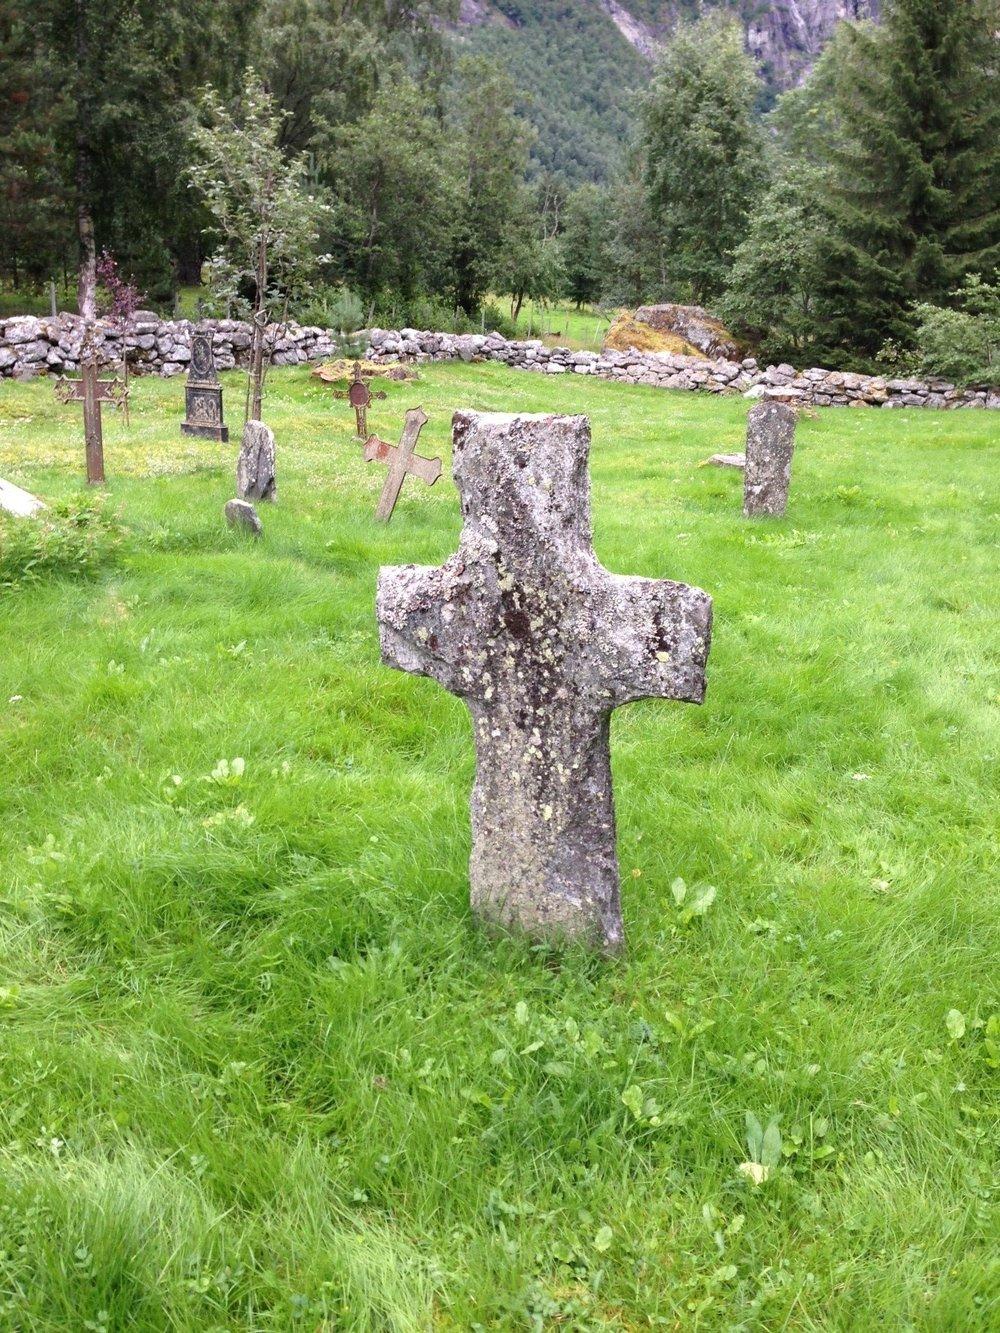 Dra til Nordre Flatmark i Romsdalen. Få en fantastisk opplevelse på historisk grunn. Alle bilder: Odd Roar Lange